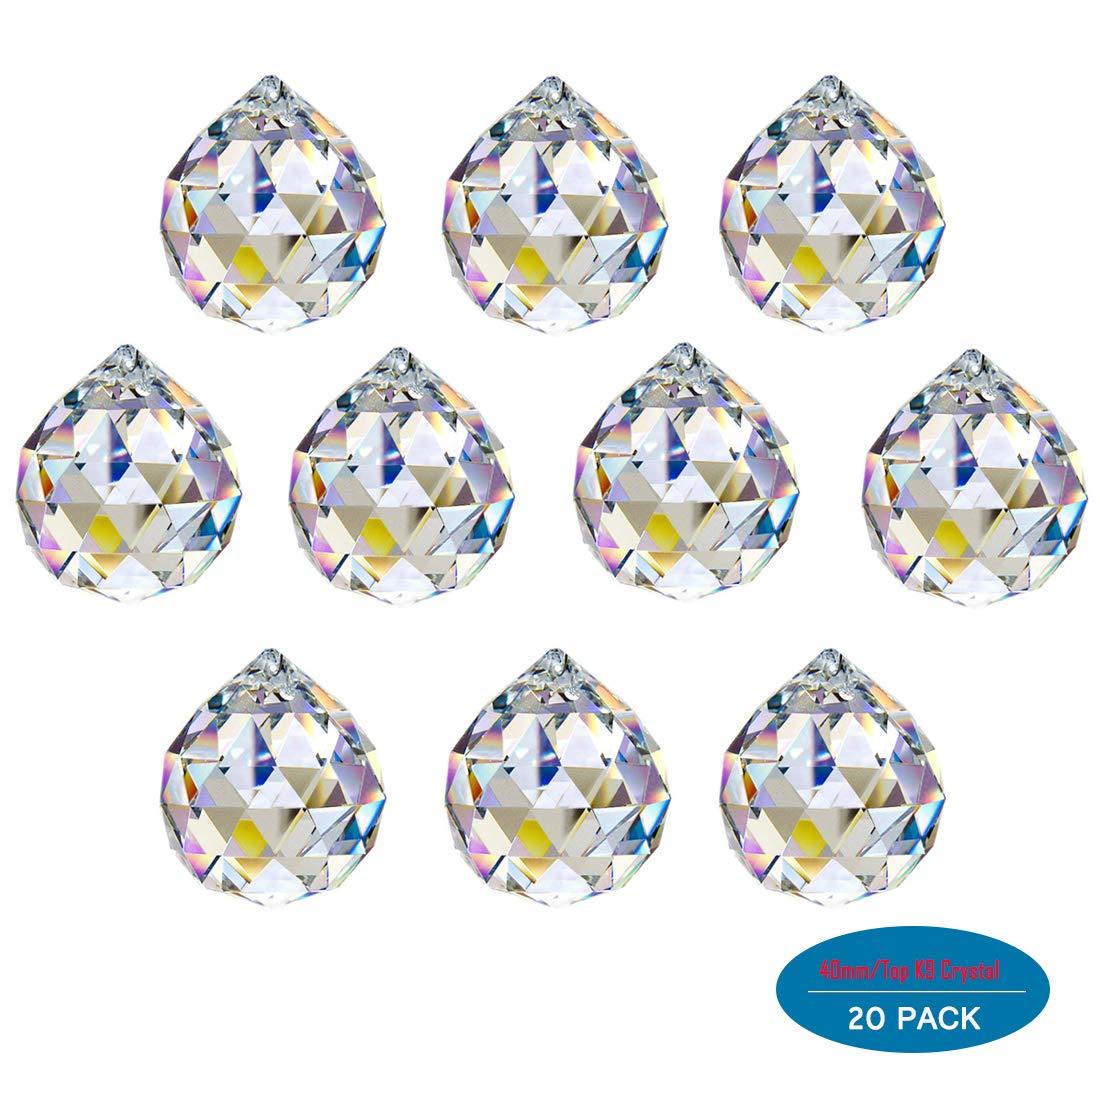 Amazon.com: H & D facetas de 10pcs 30 mm Bola de vidrio ...